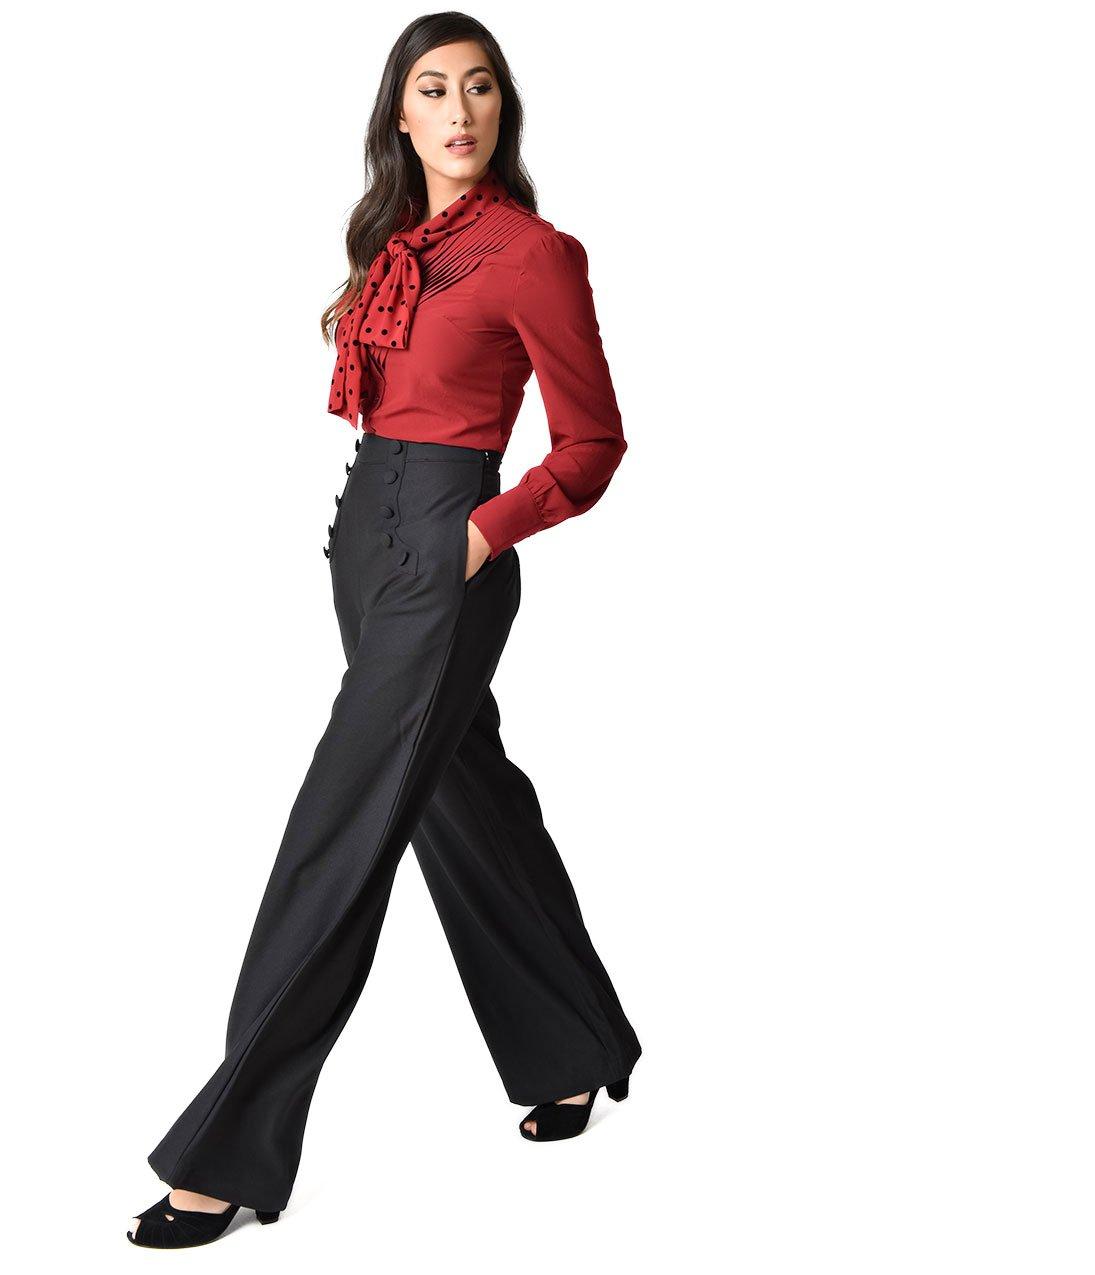 Unique Vintage Banned 1940s Style Black High Waist Crepe Full Moon Sailor Pants